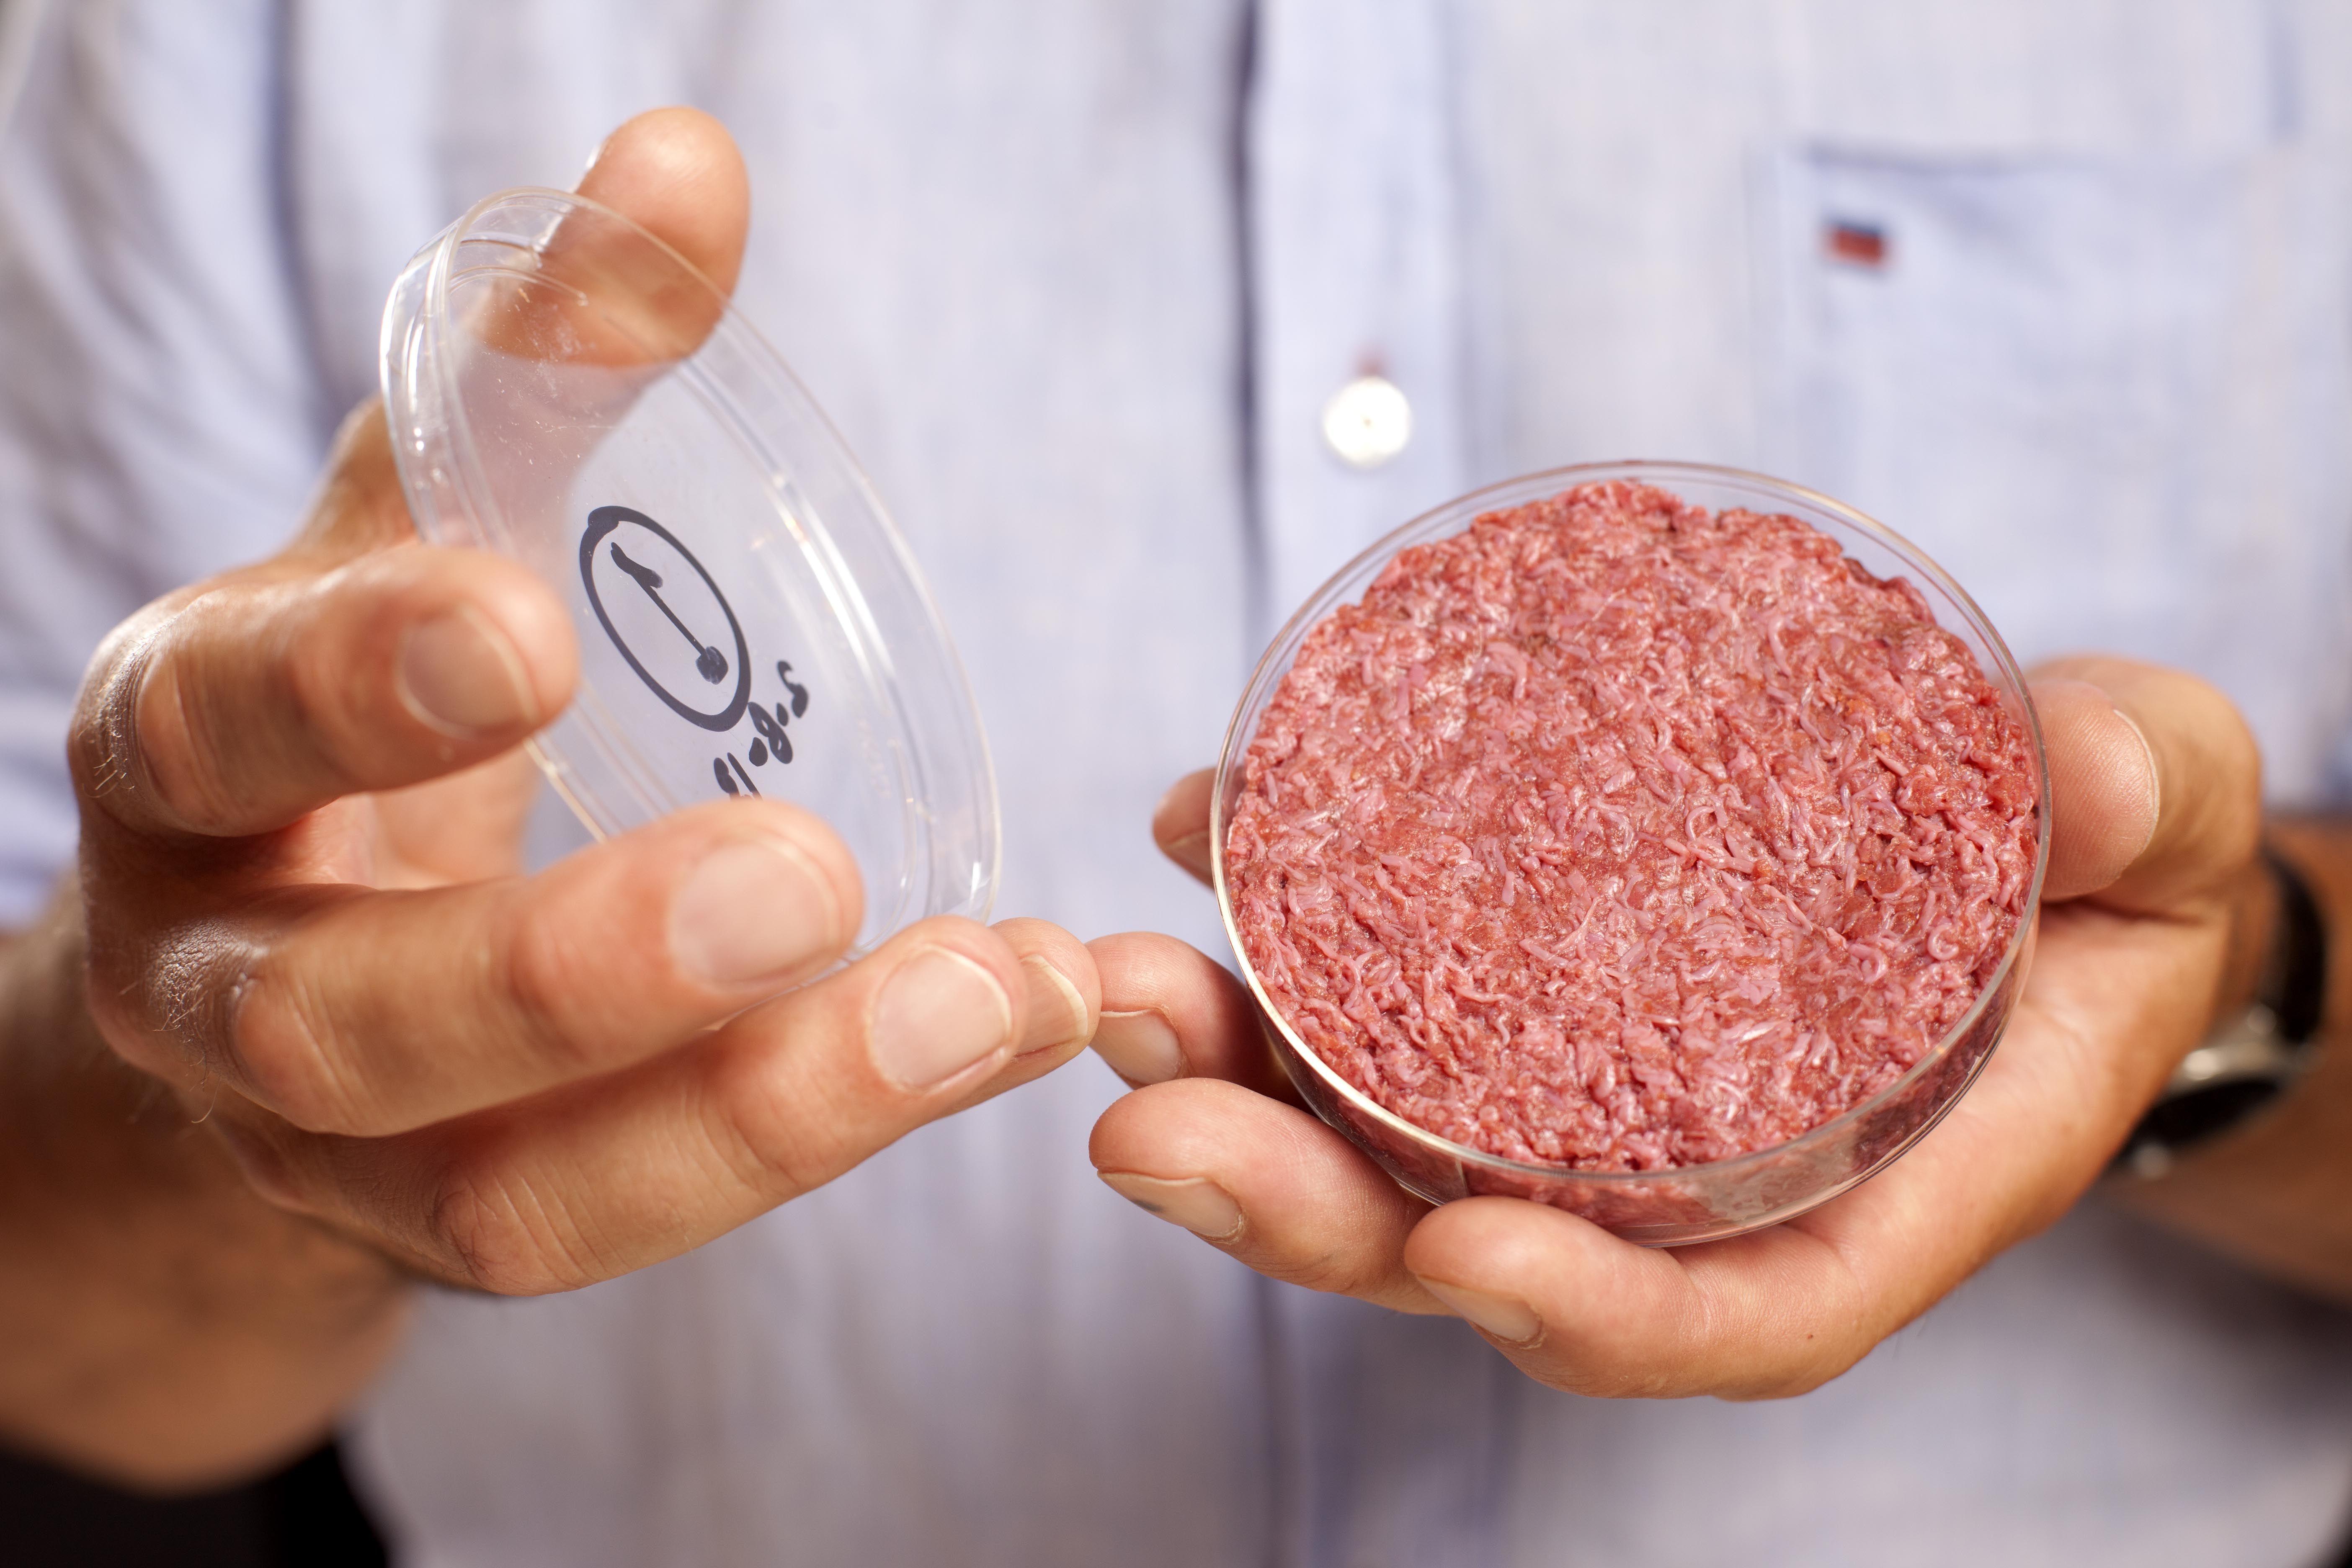 Photo credit: David Parry / PA Wire  Op 5 Augustus 2013 presenteerde Mark Post de allereerste kweekvleeshamburger aan de wereld. Het stukje vlees werd samengesteld uit duizenden stukjes opgekweekt spierweefsel. De productie kostte zo'n 250.000 euro. In London, onder het oog van de wereldpers, werd het stukje kweekvlees geproefd door een groep prominente culinaire recensenten. Hun conclusie: dit is vlees, maar het is nog wel een beetje droog.